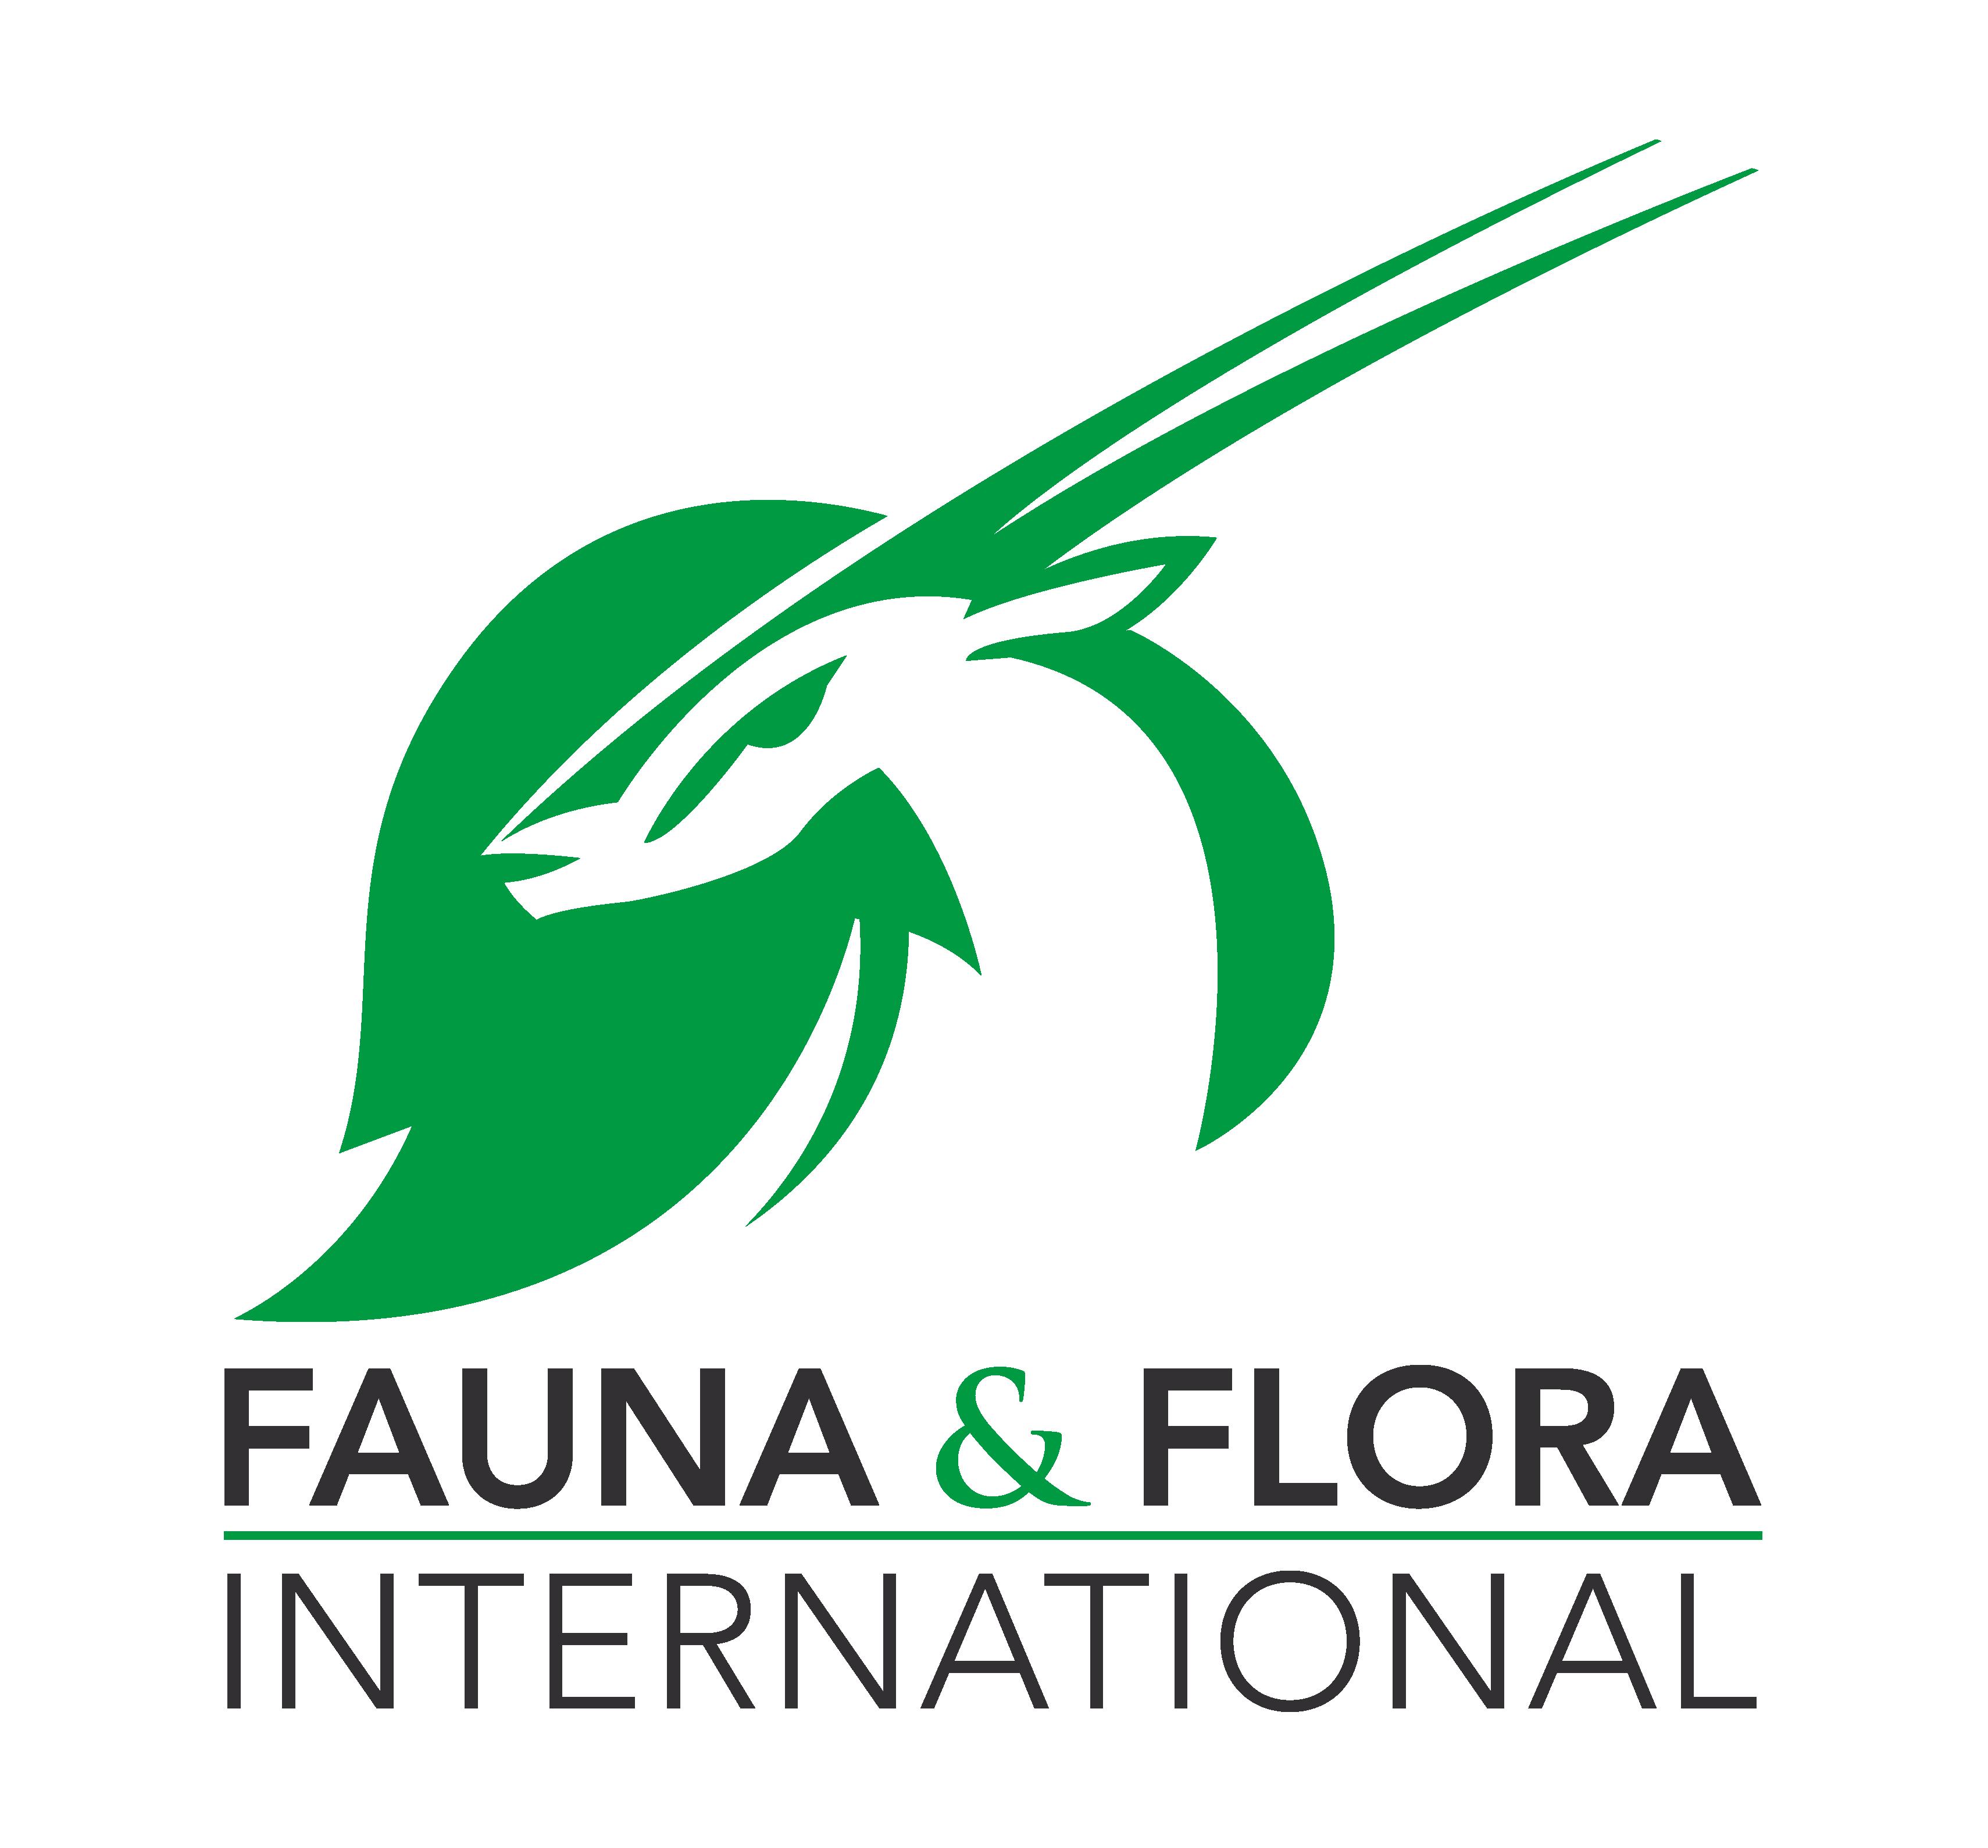 fauna-flora-international